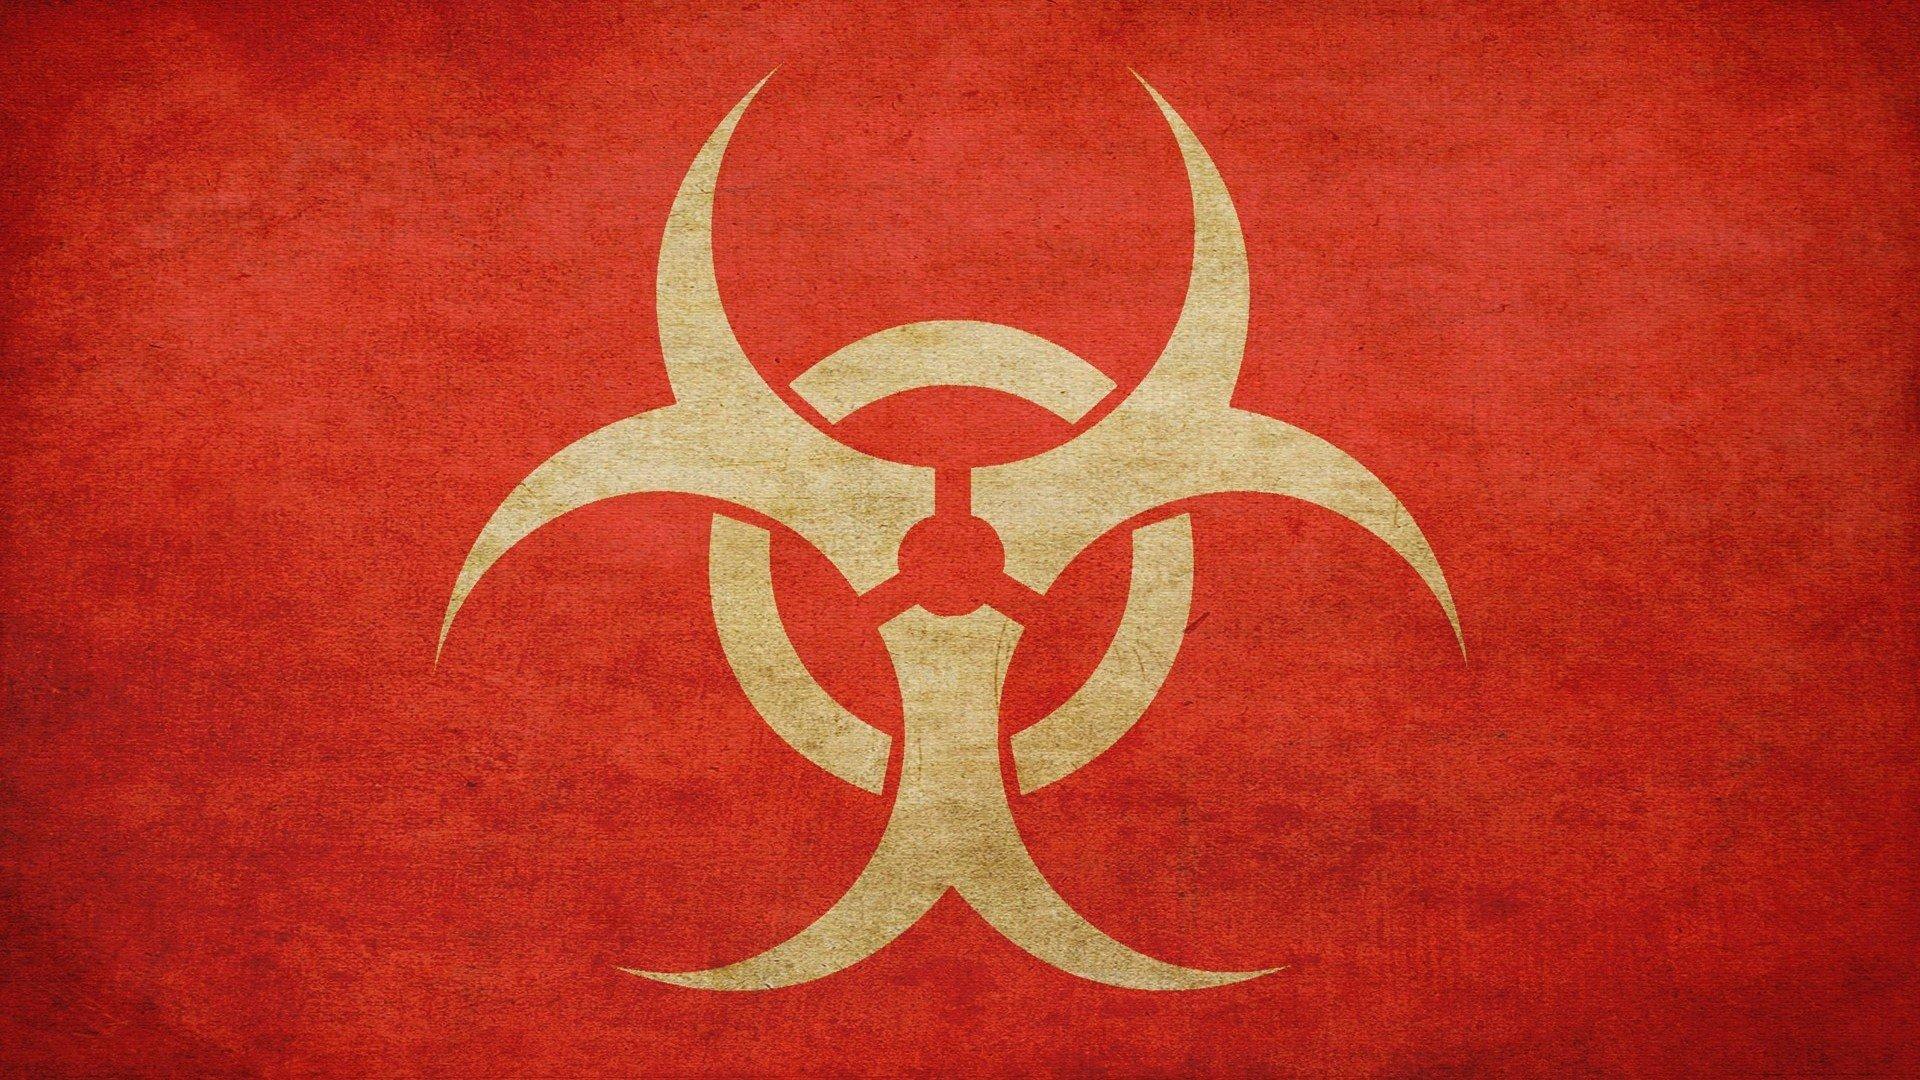 biohazard, broken glass hd wallpapers / desktop and mobile images